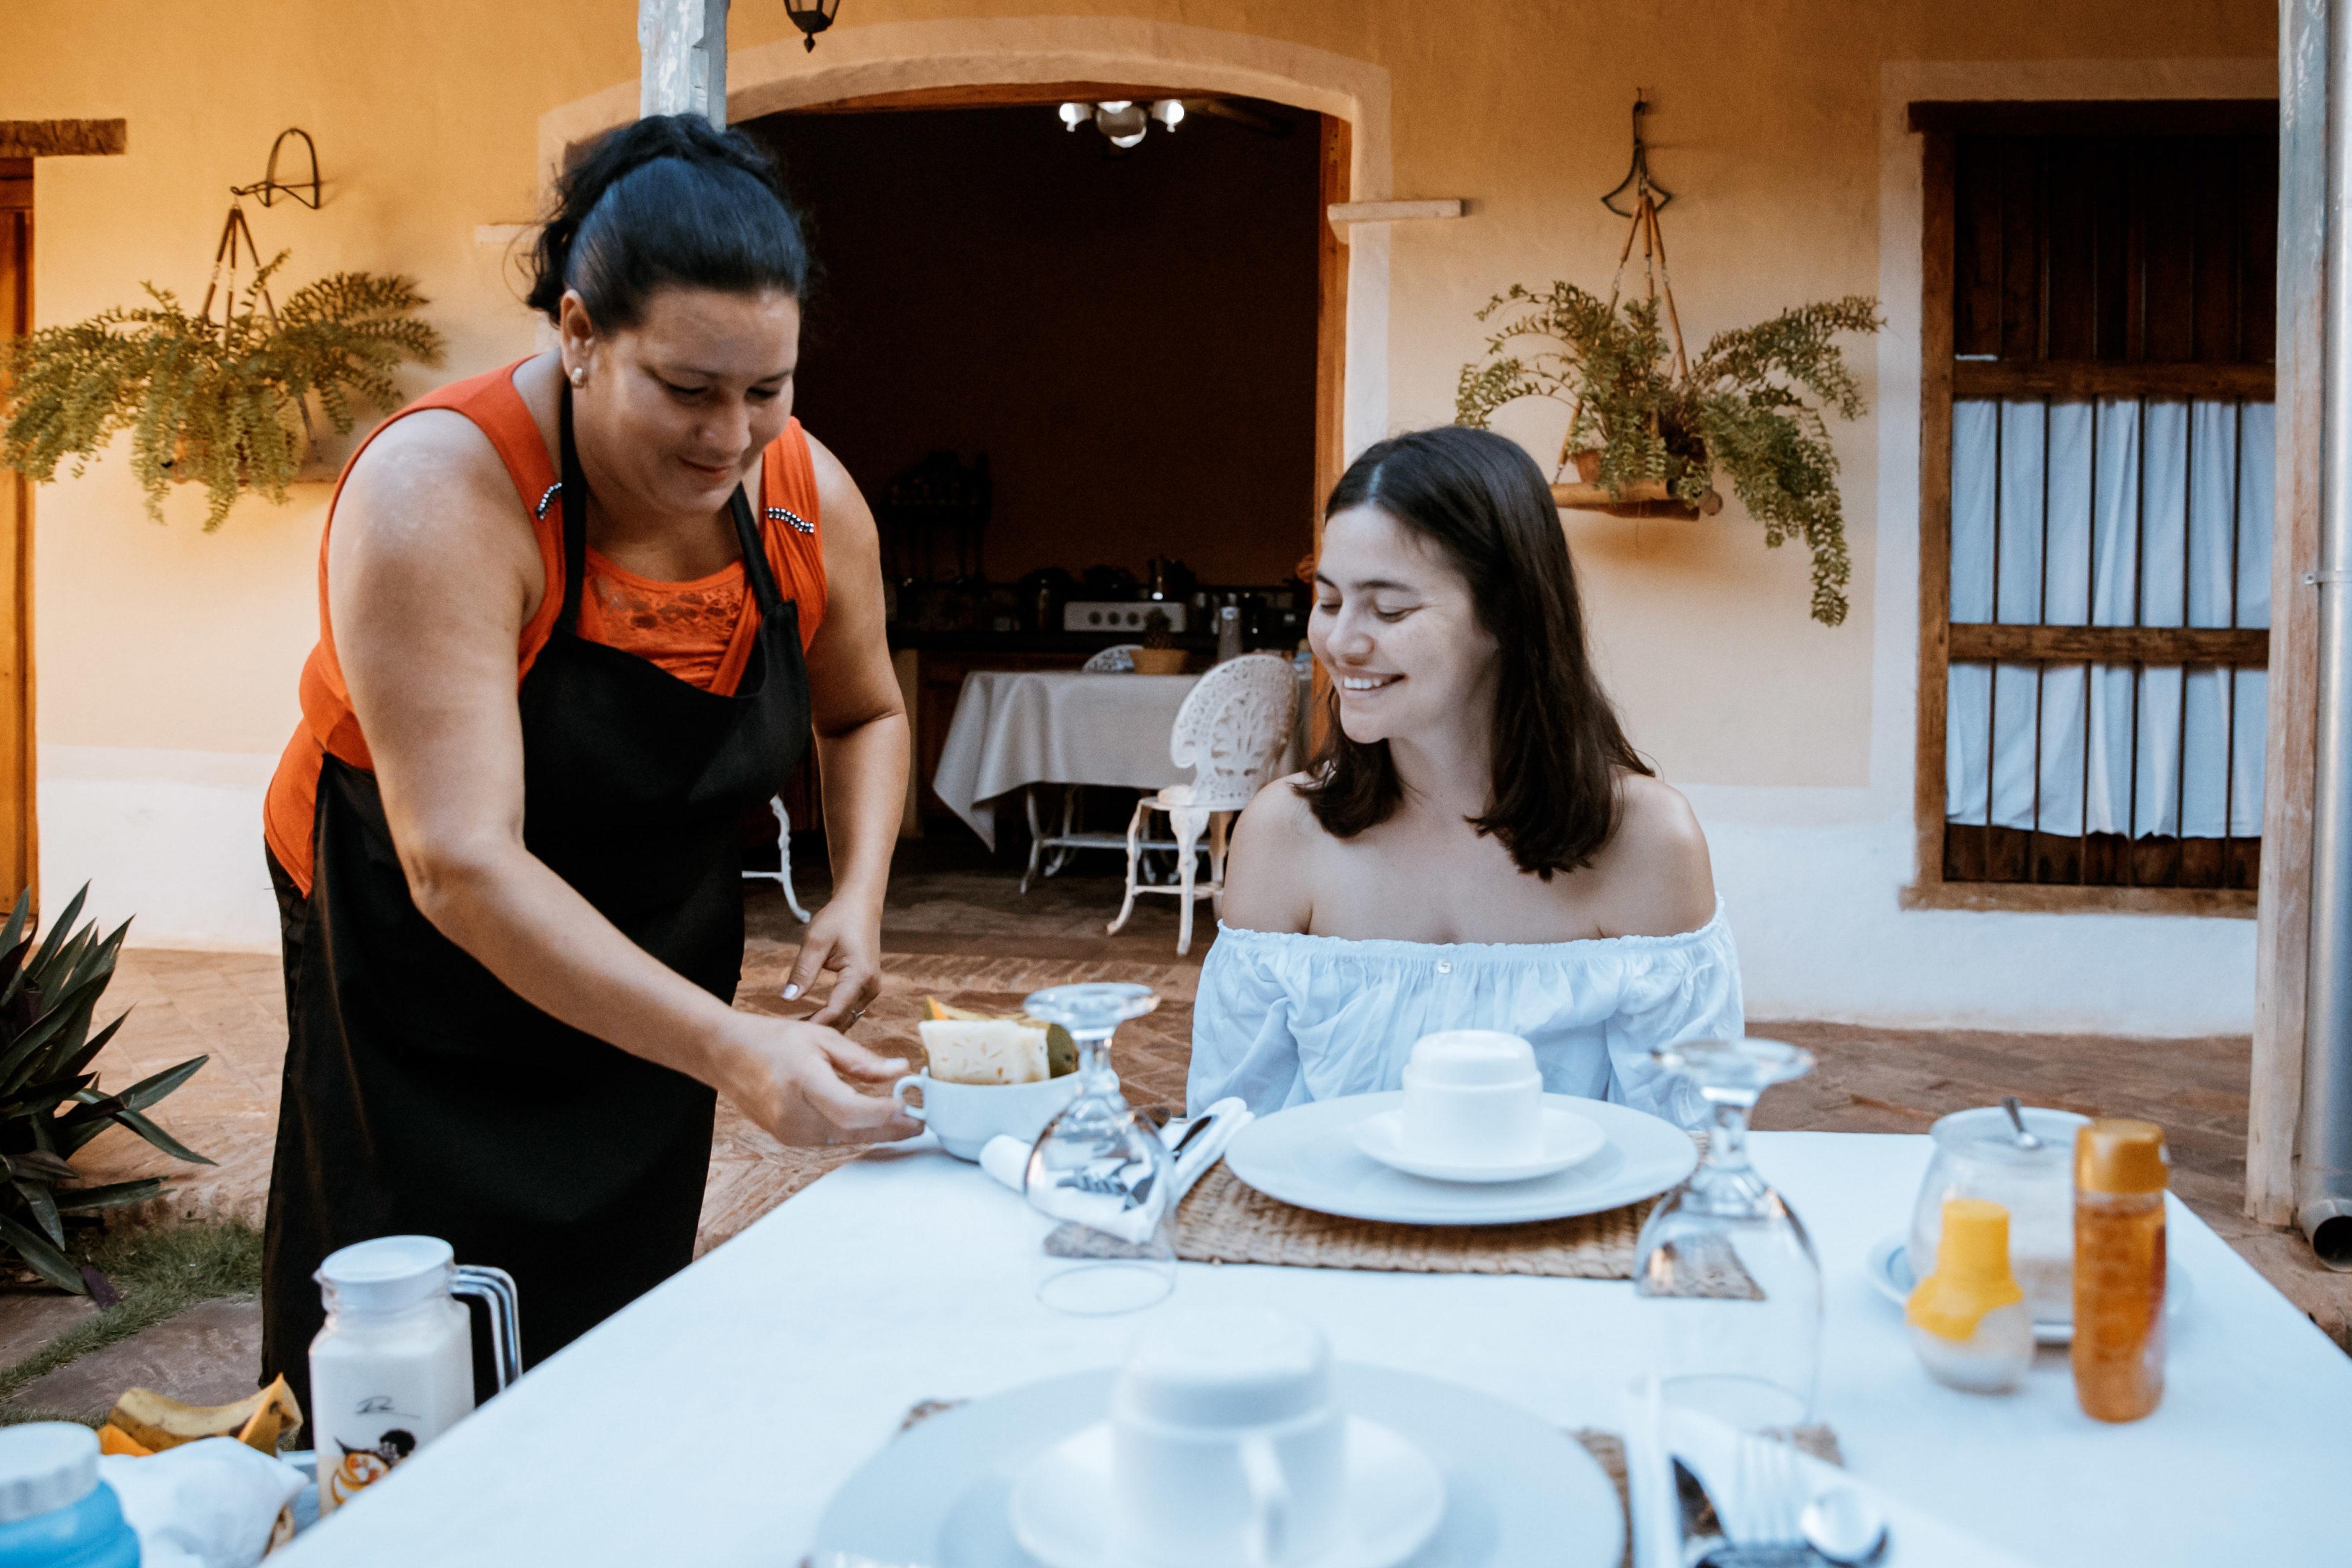 Nähert Euch der kubanischen Bevölkerung, indem Ihr in Casas Particulares übernachtet